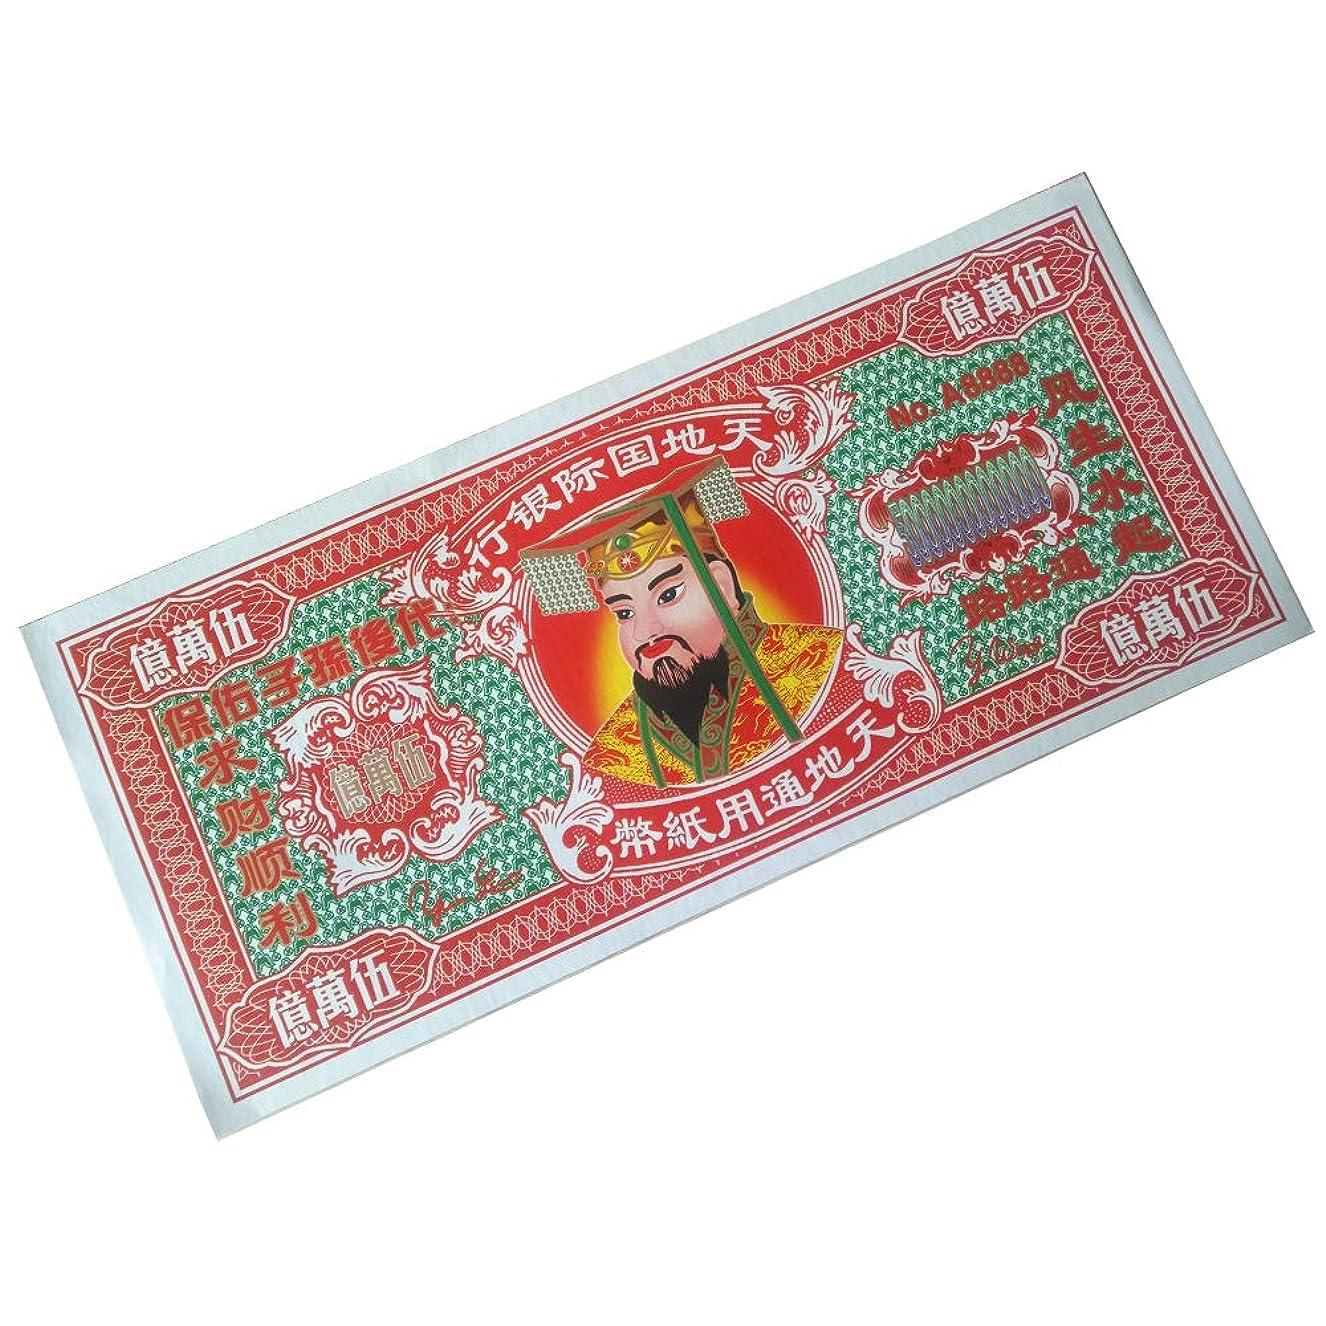 異常にぎやか食い違いZeeStar 30点 中国麻雀 紙幣 大型 地獄の貯金箱 ノート 100ドル札 (5枚) 16.8×7.4インチ